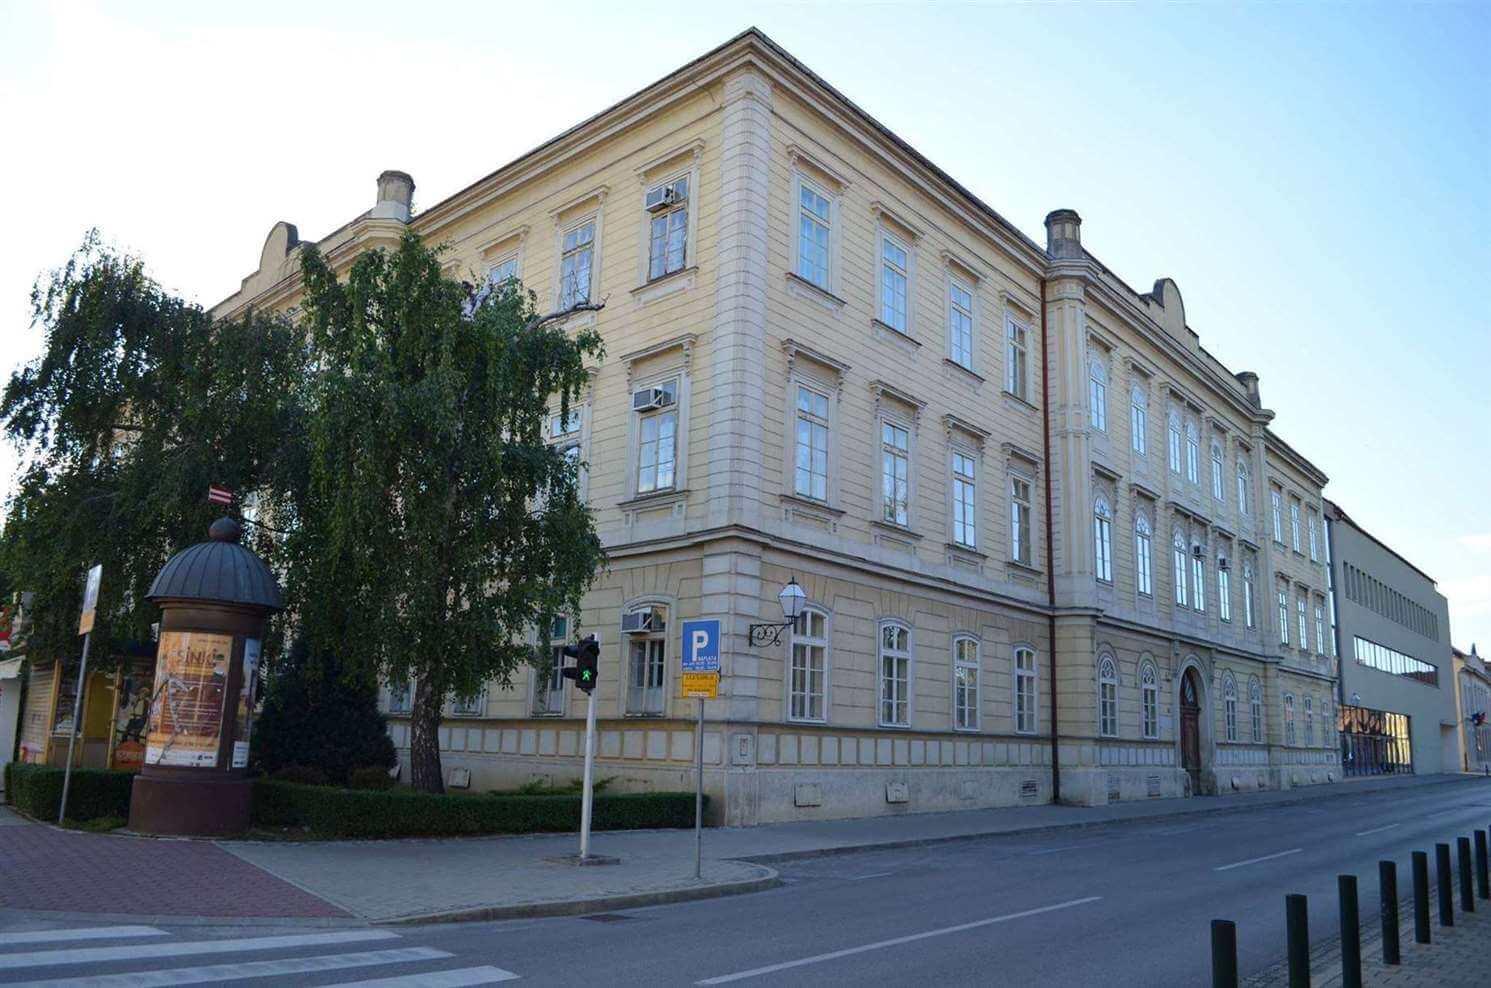 Ovih 10 srednjih škola u Varaždinskoj županiji upisuju najbolji učenici